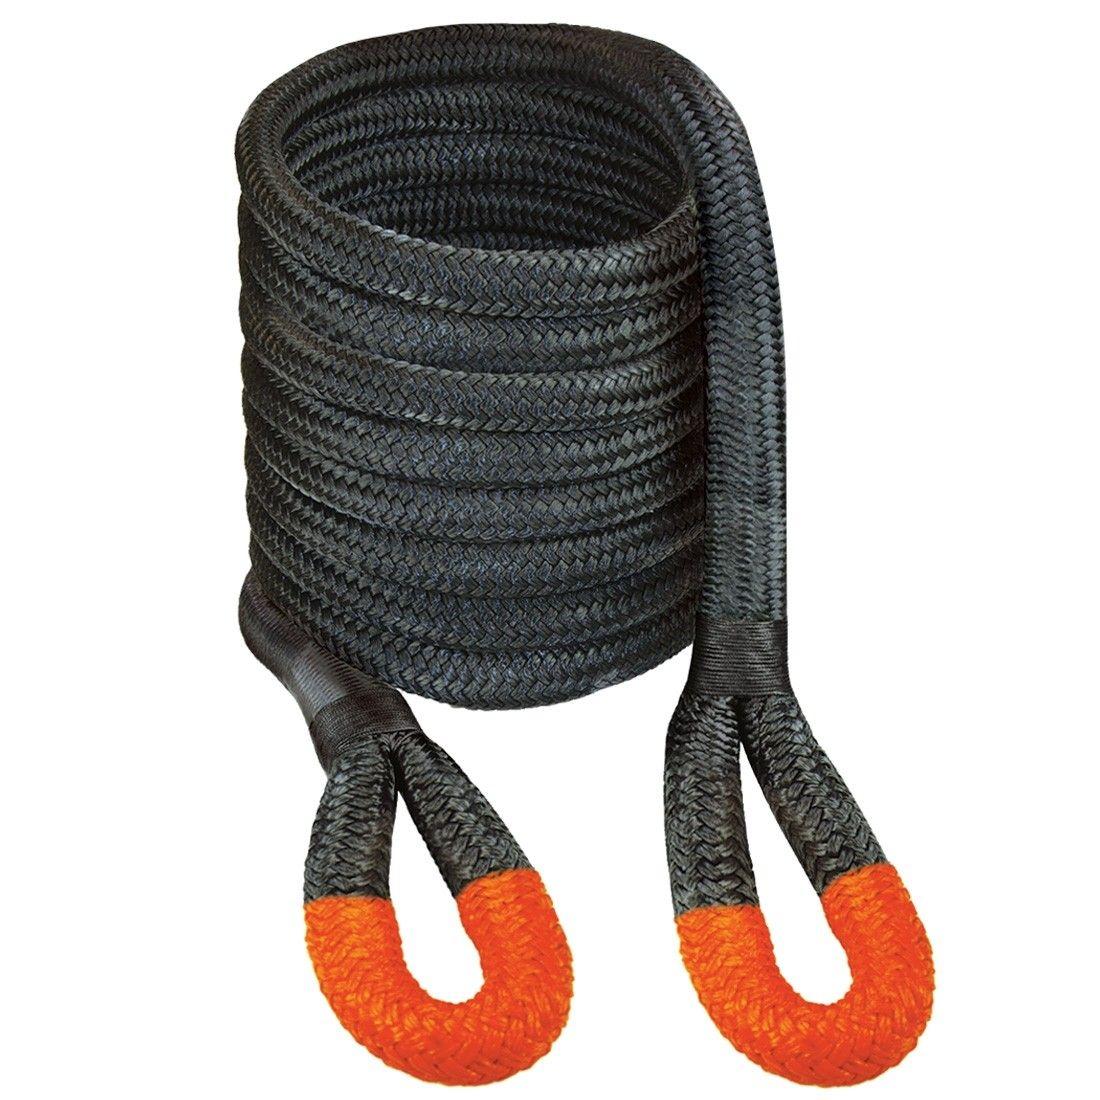 Vulcan Off Road Recovery Rope 1 1 4 X 30 W Orange Eyes 52300 Lbs Breaking Strength Stuck In The Mud Vulcan Rope